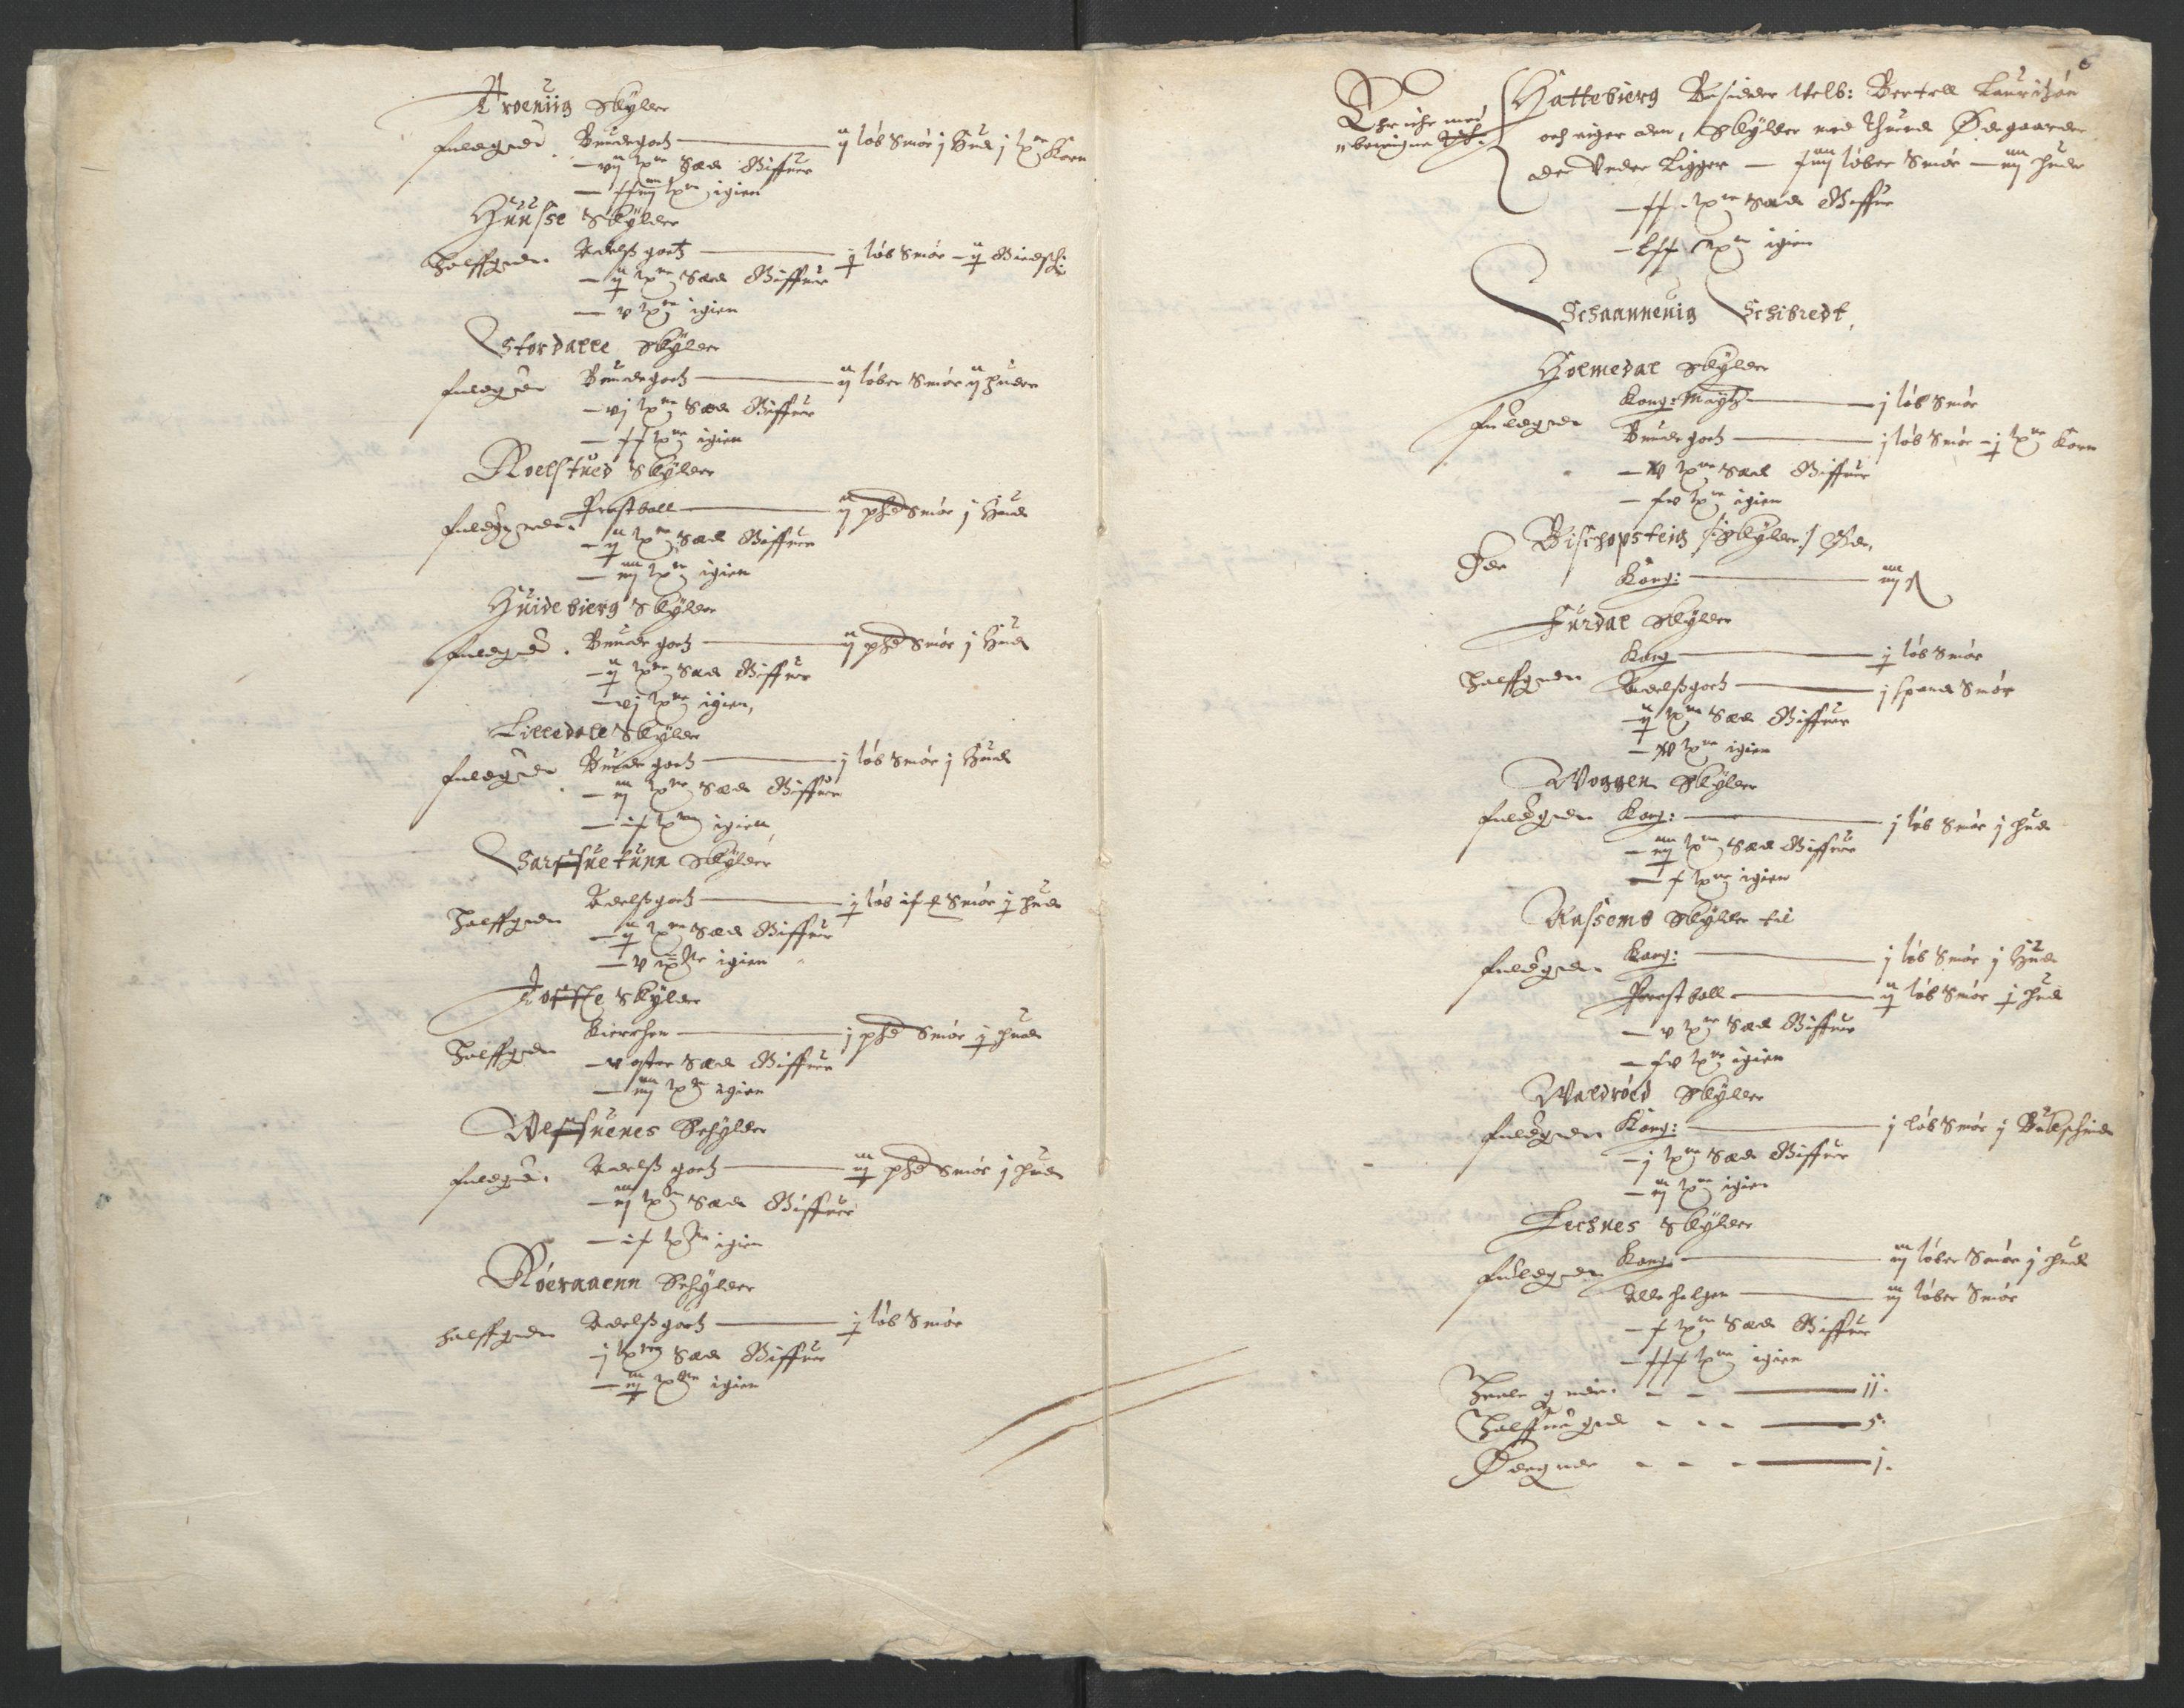 RA, Stattholderembetet 1572-1771, Ek/L0004: Jordebøker til utlikning av garnisonsskatt 1624-1626:, 1626, s. 10